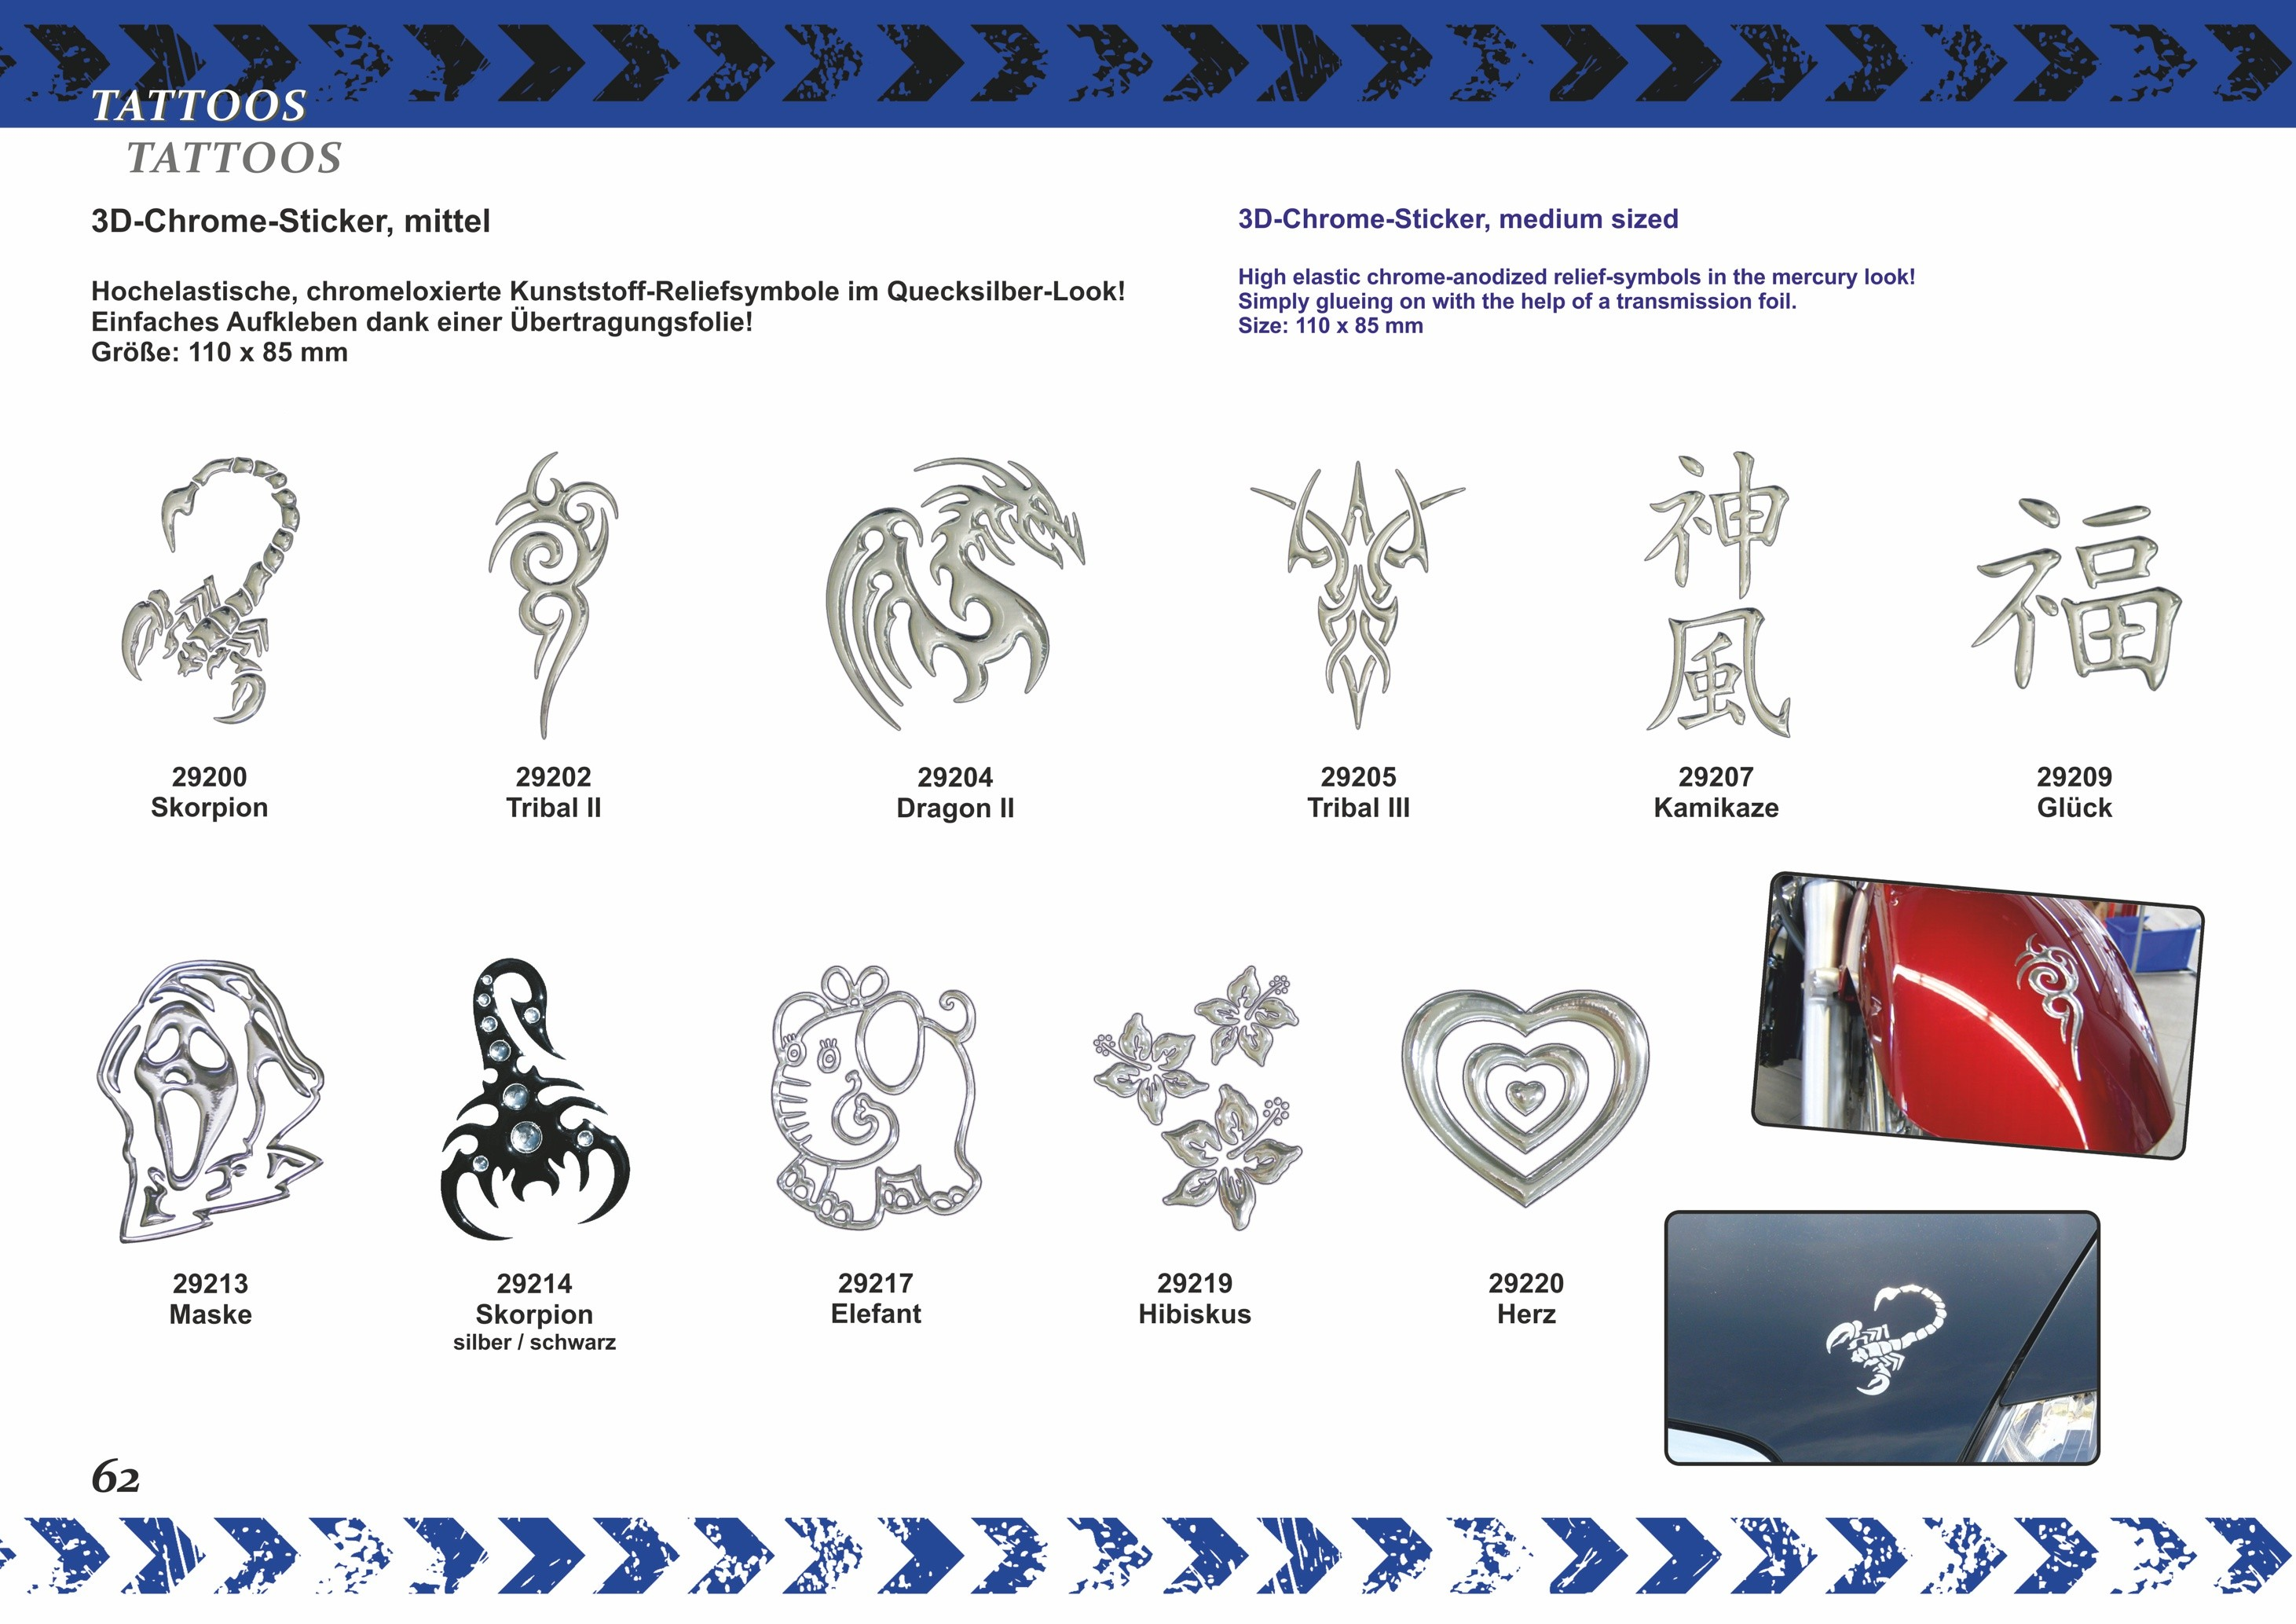 3D-Chrome-Sticker spider 90 x 70 mm – Bild 6